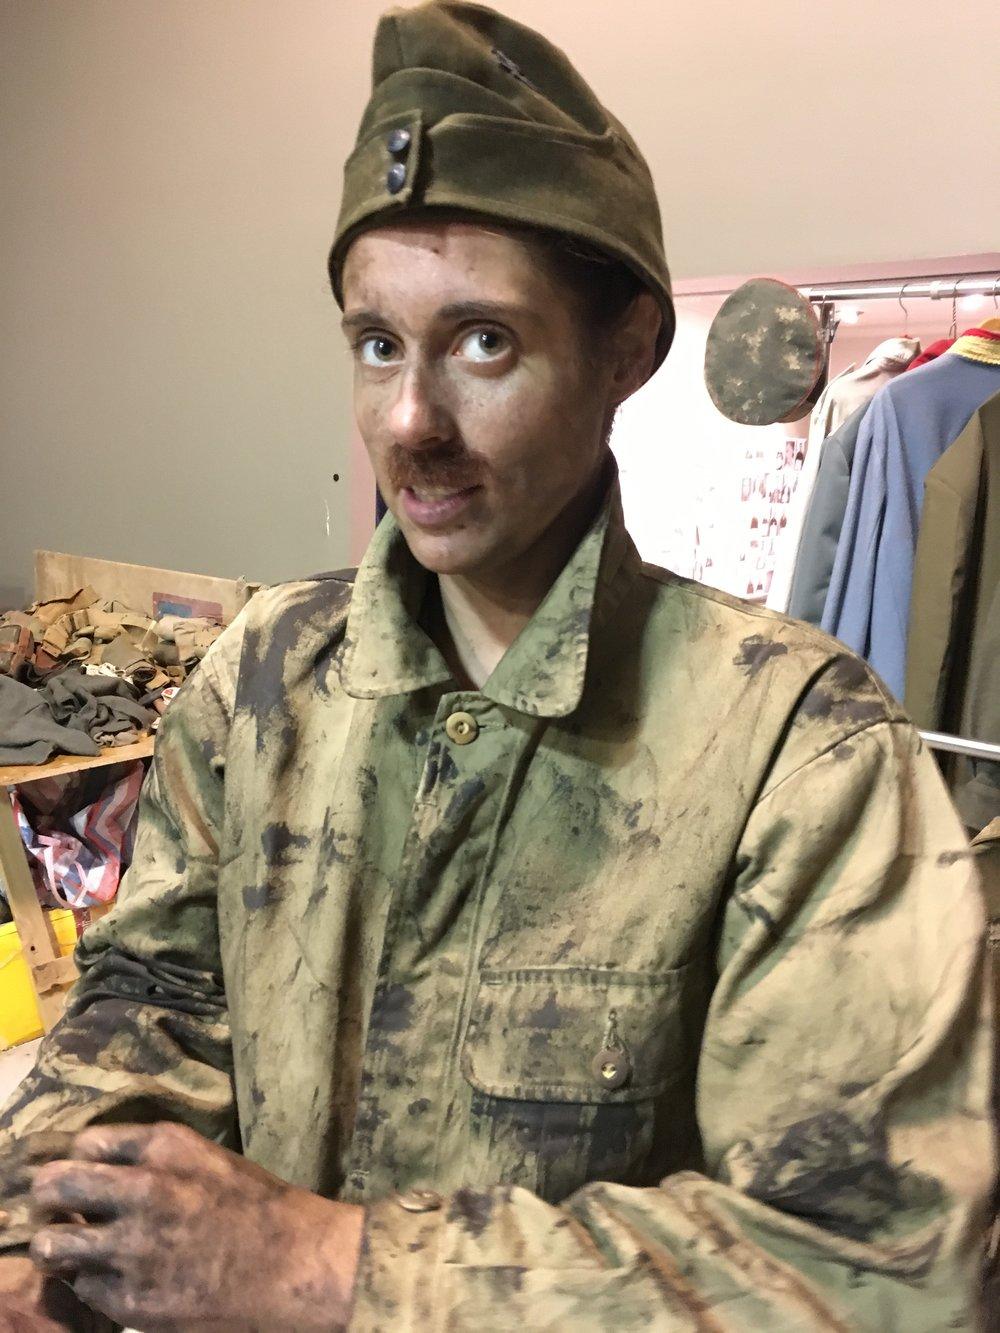 Sgt. Tash